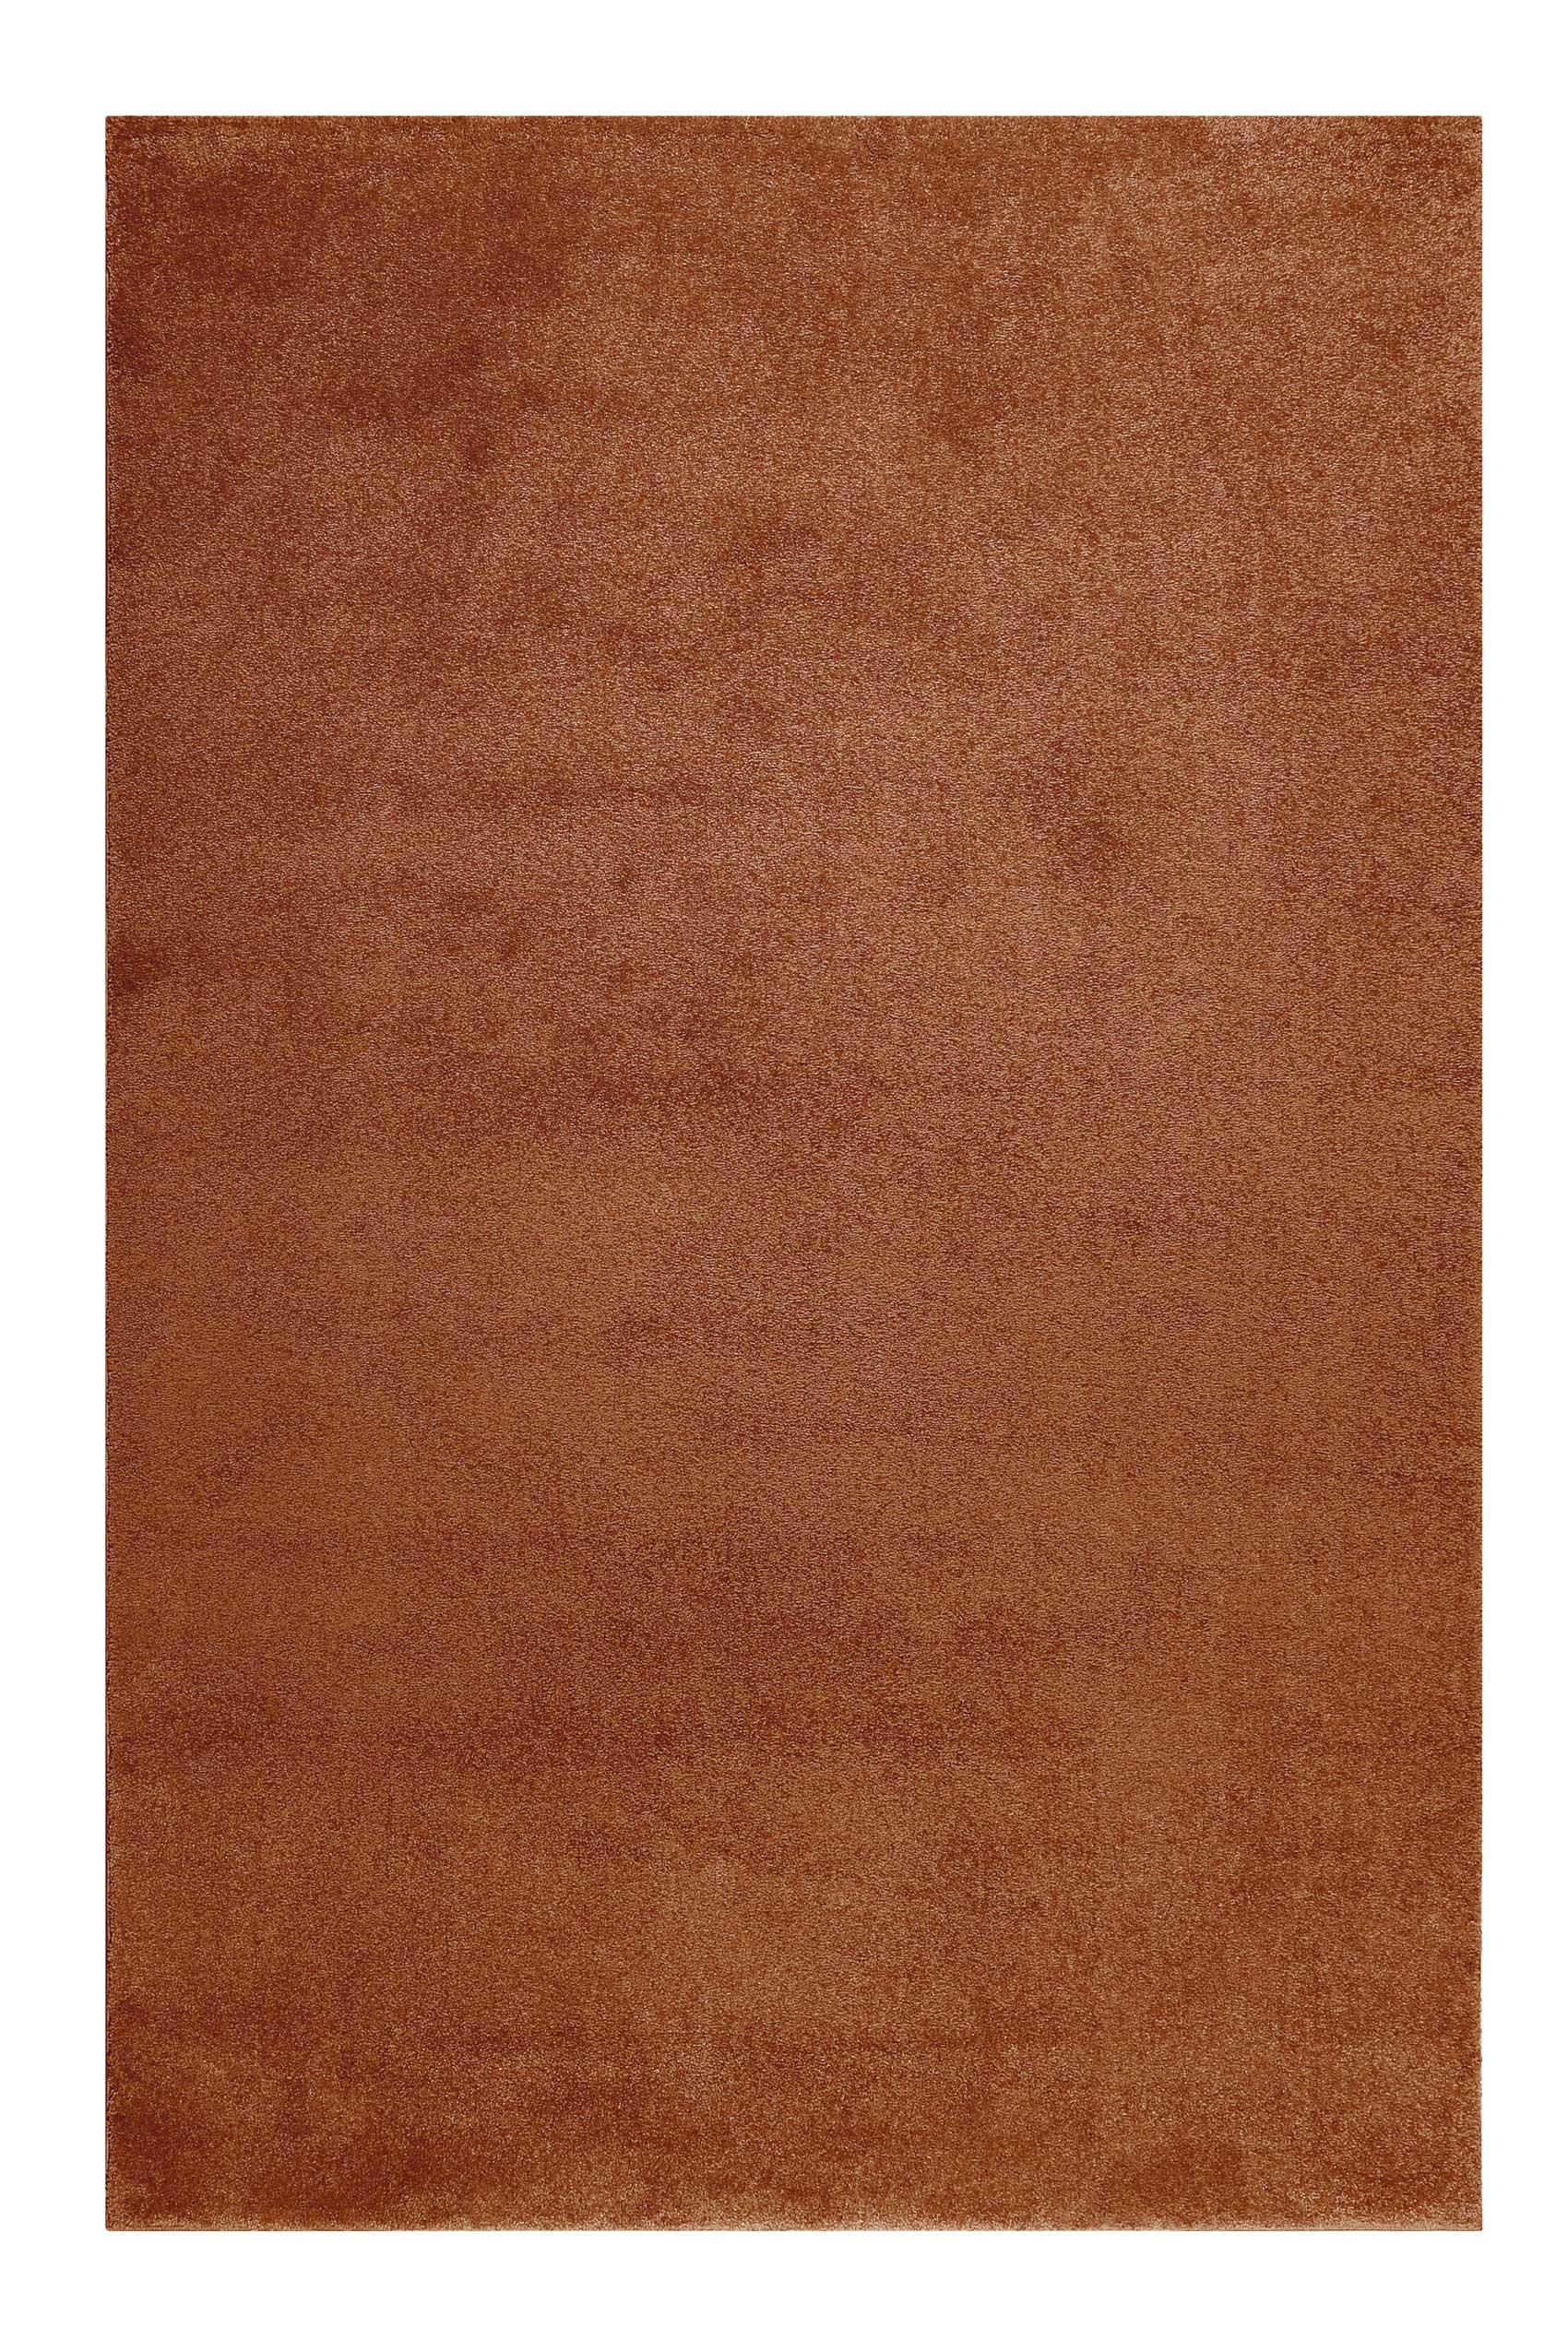 Tapis brique chiné  133x190